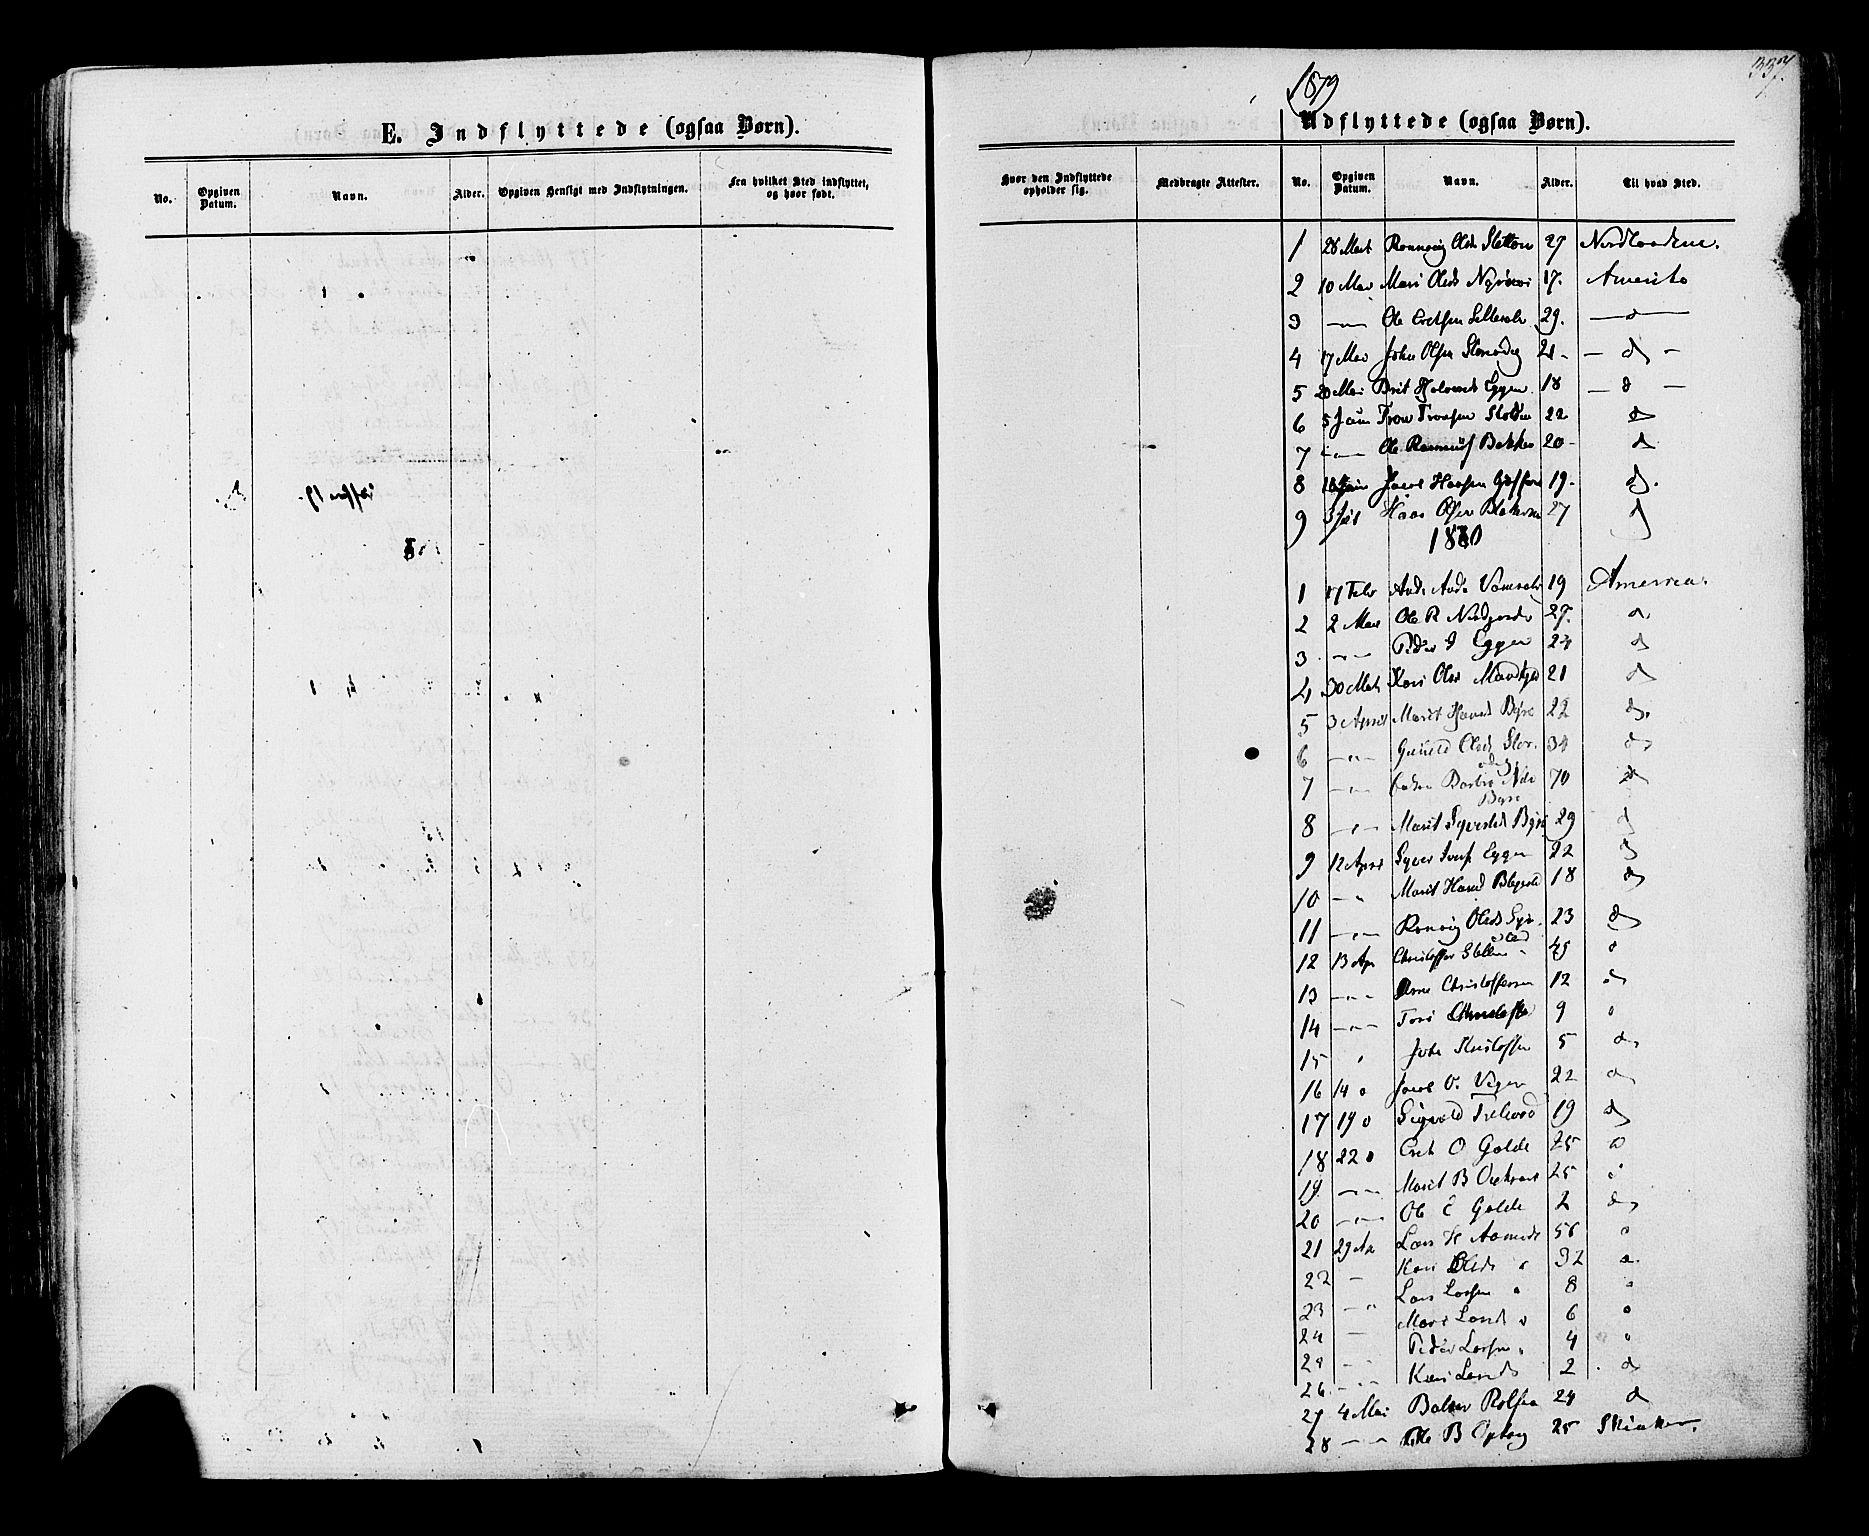 SAH, Lom prestekontor, K/L0007: Ministerialbok nr. 7, 1863-1884, s. 337